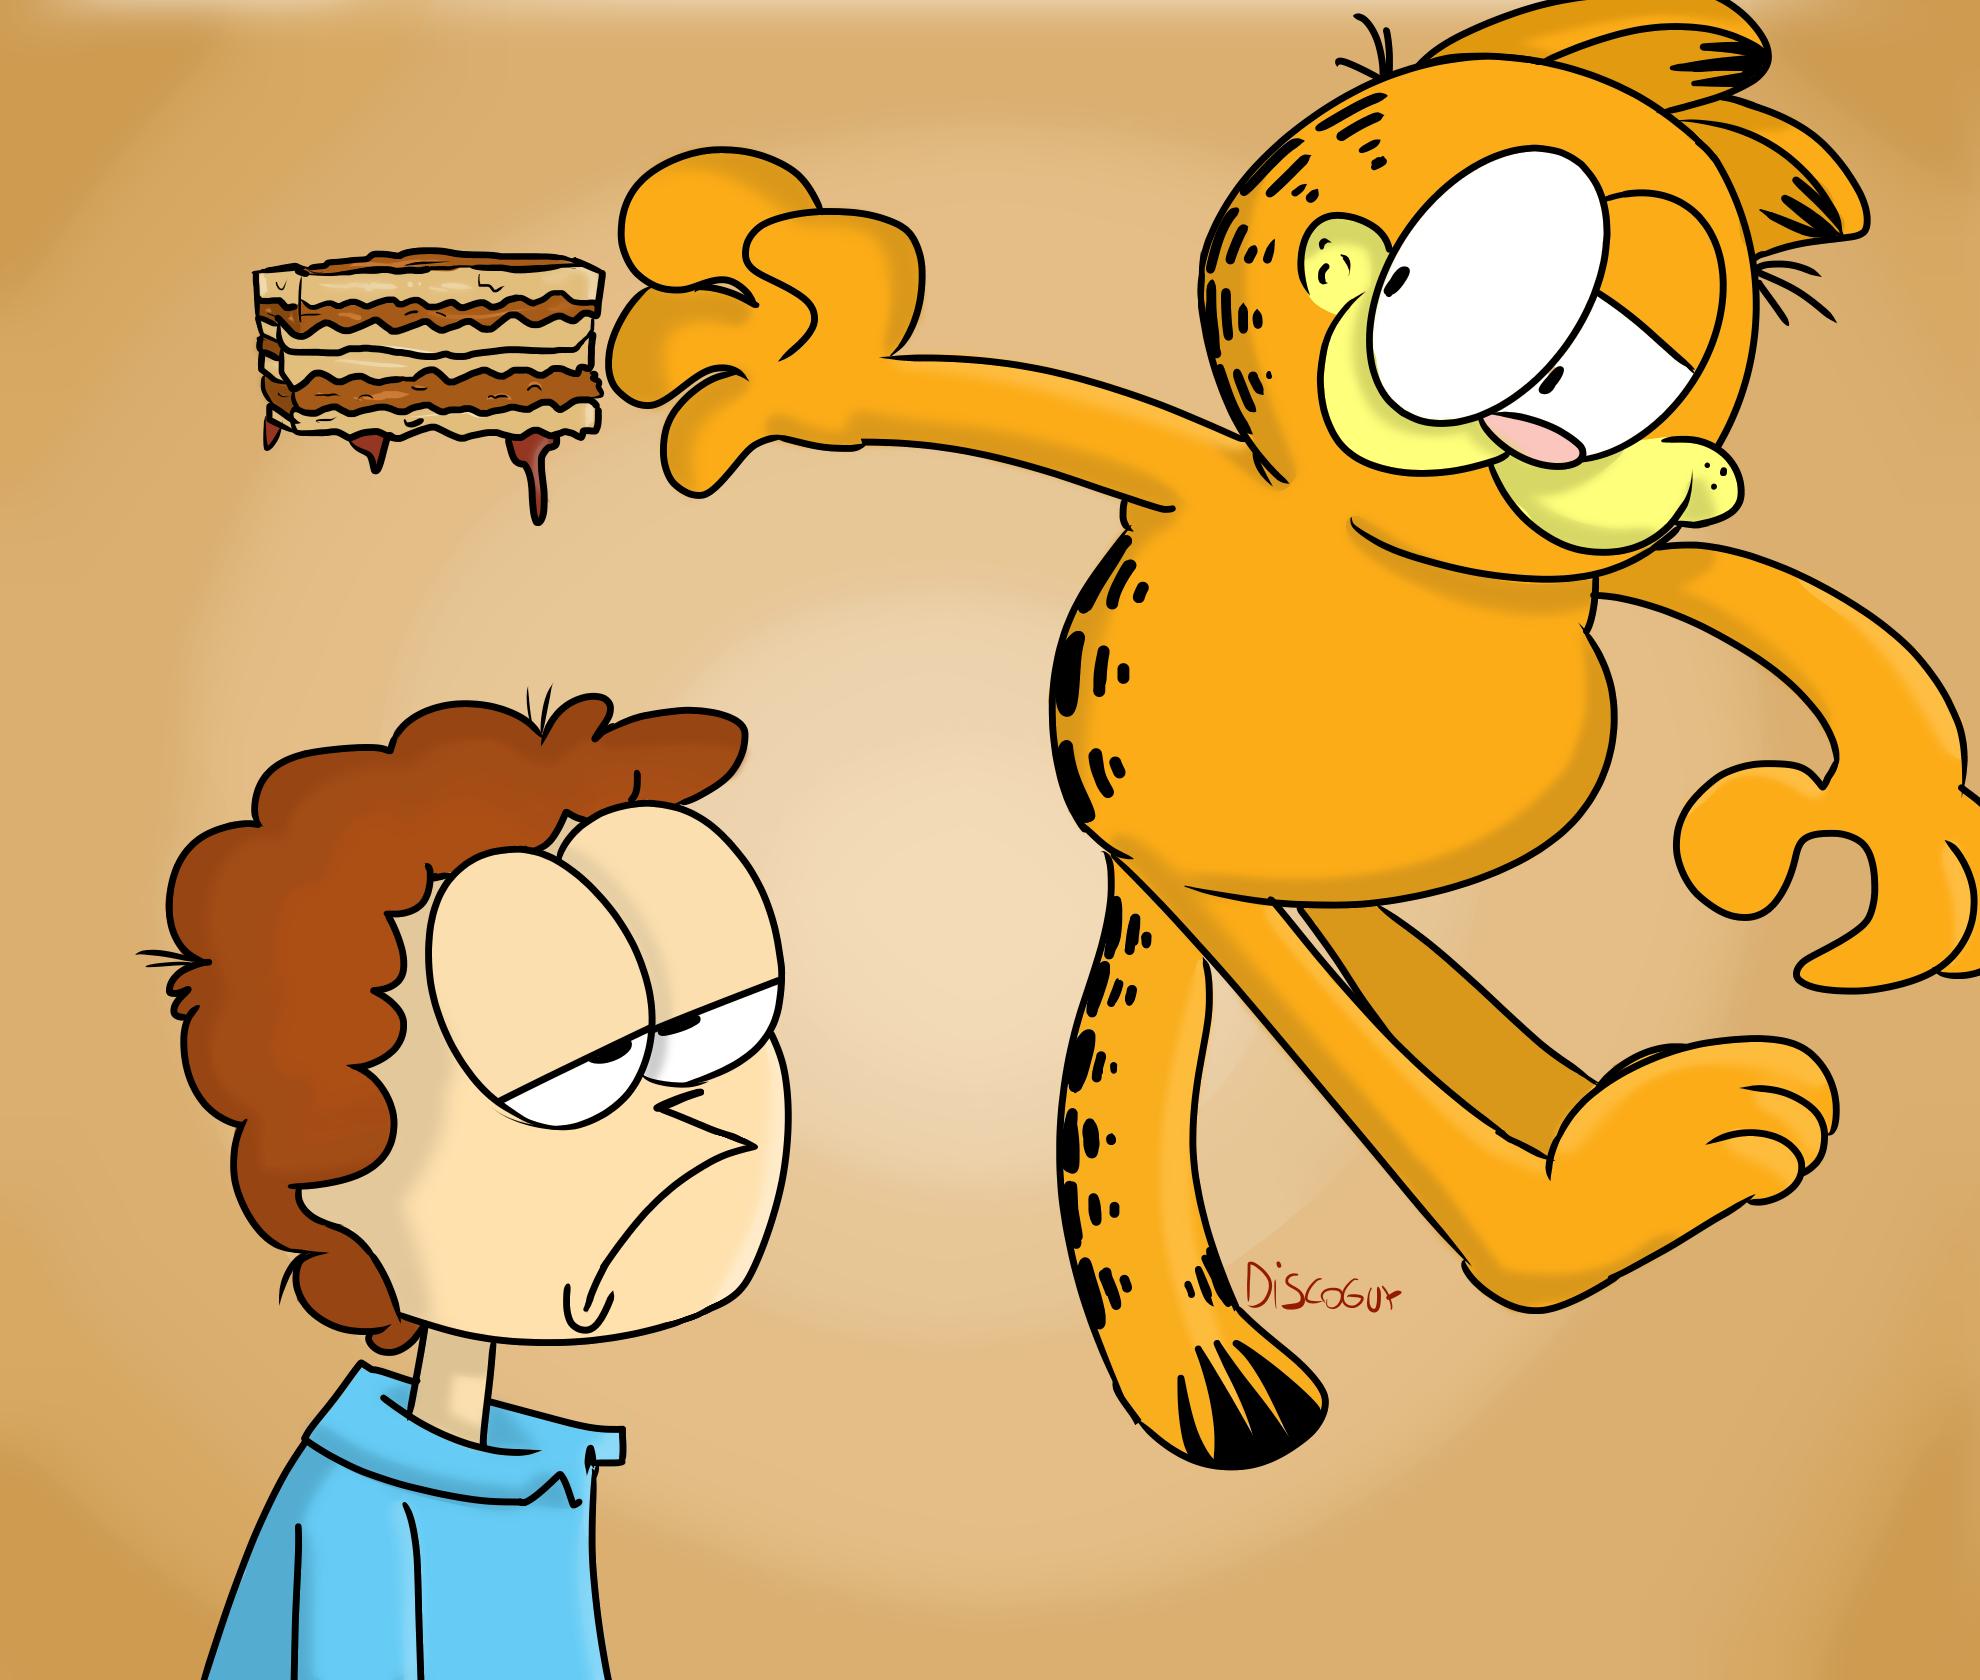 Jon and Garfield